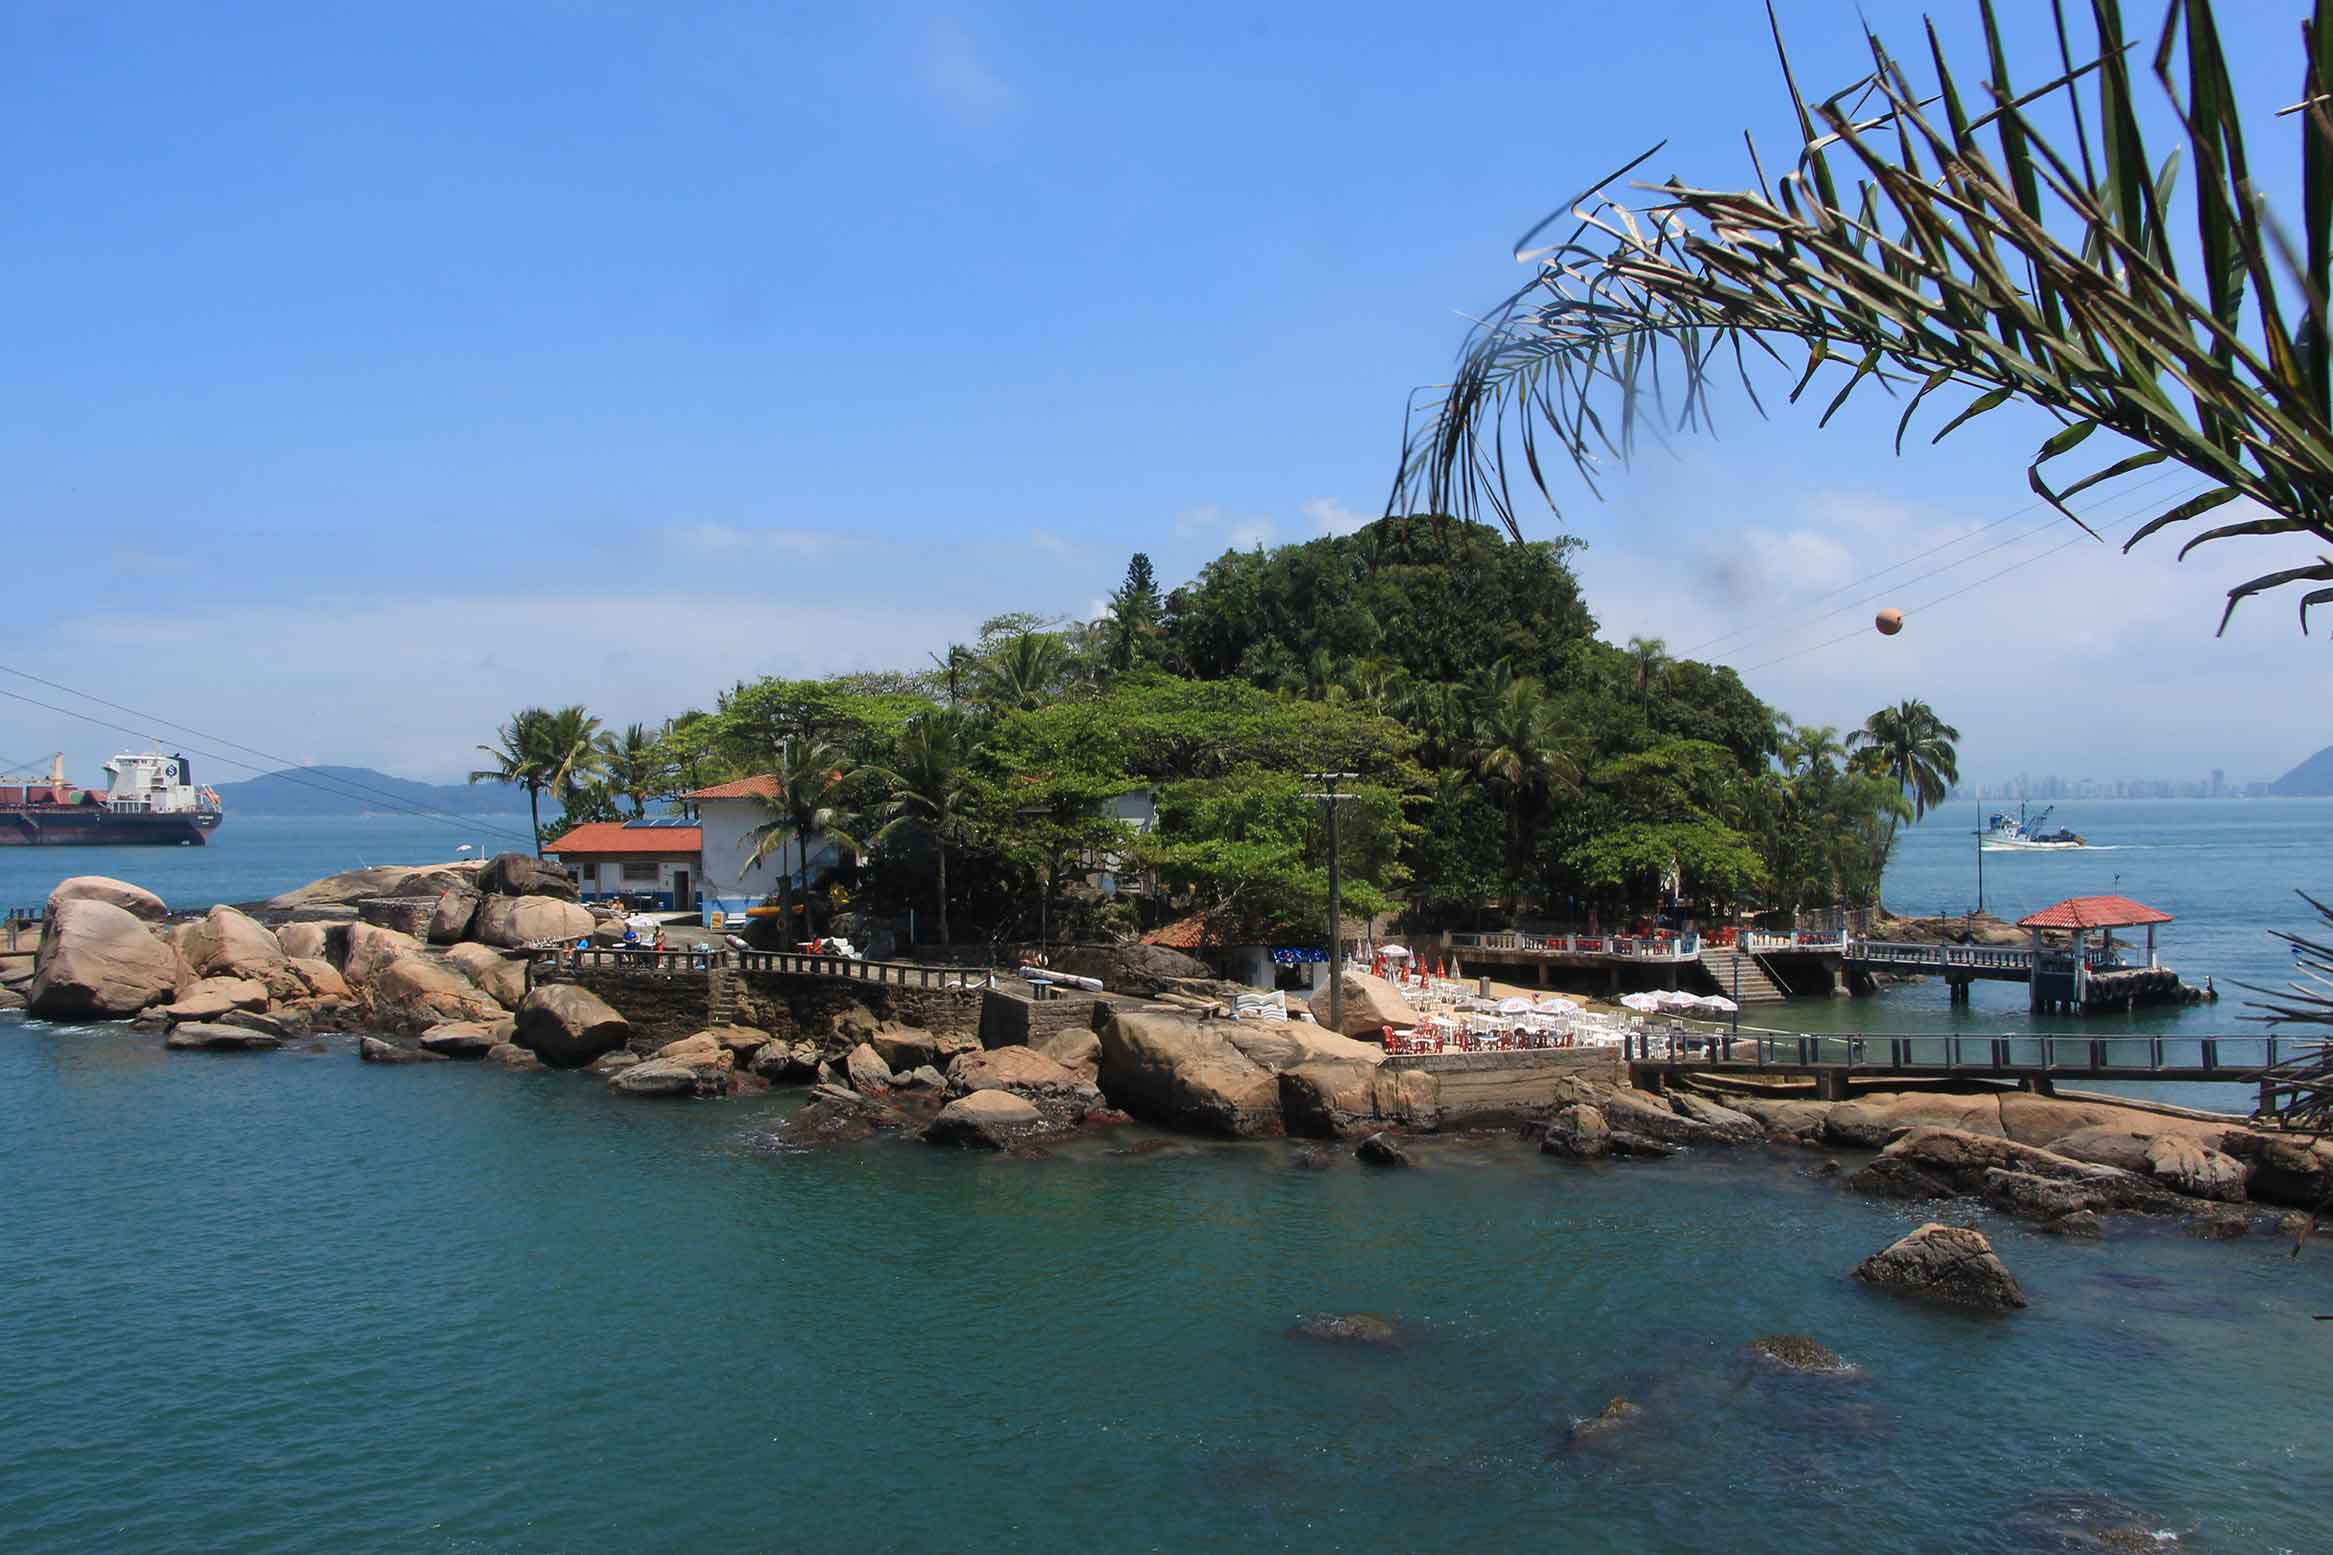 Guaruja-Meio-Ambiente-Ilha-das-Palmas-MMasulino-bx